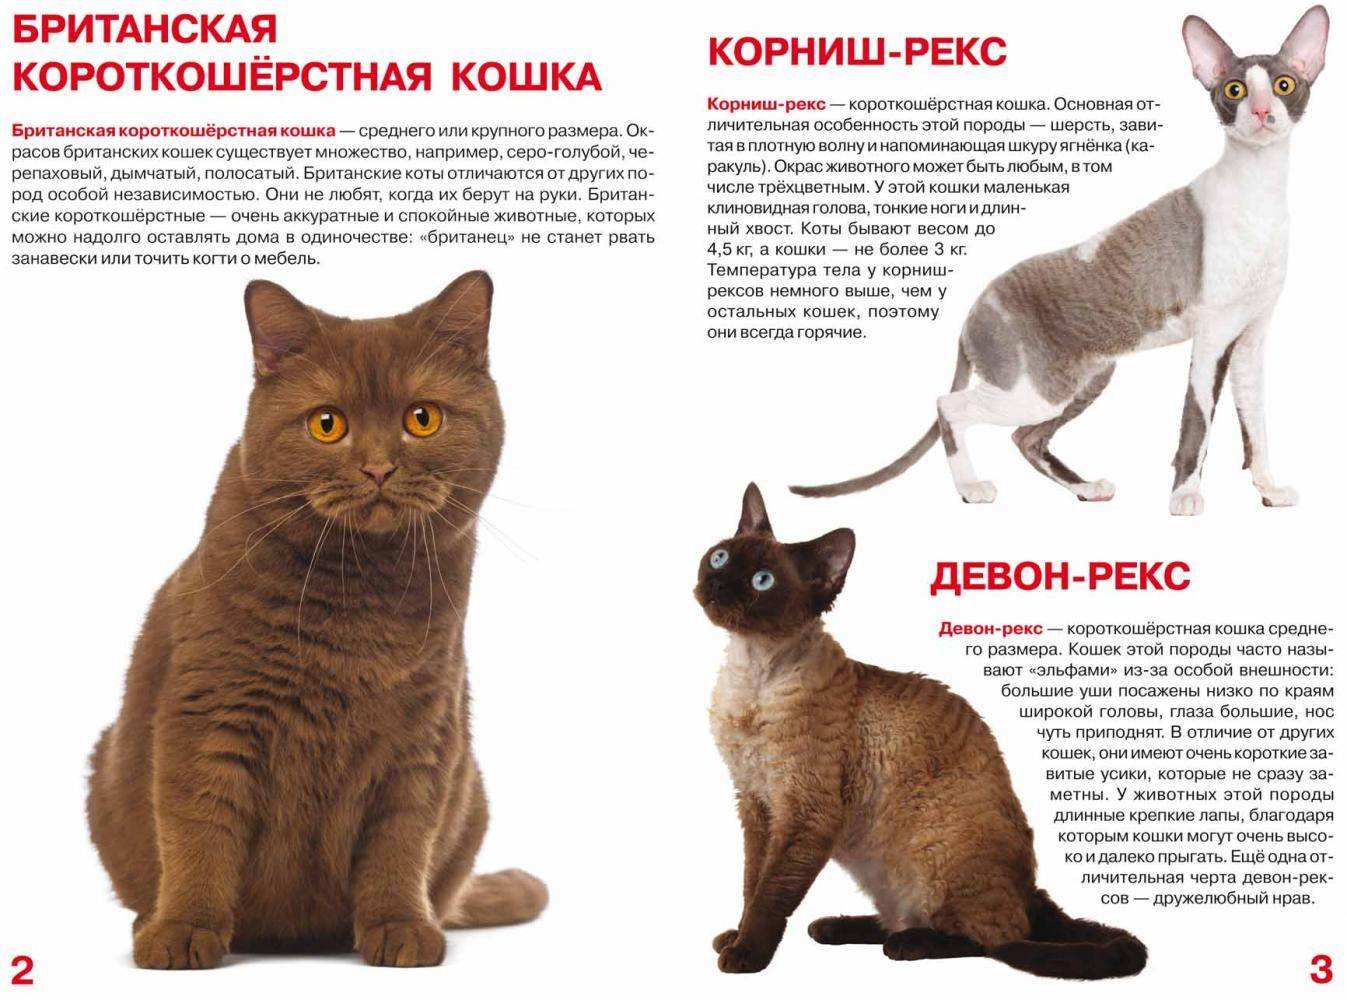 Топ 10 гладкошерстных пород кошек — список, характеристика и фото